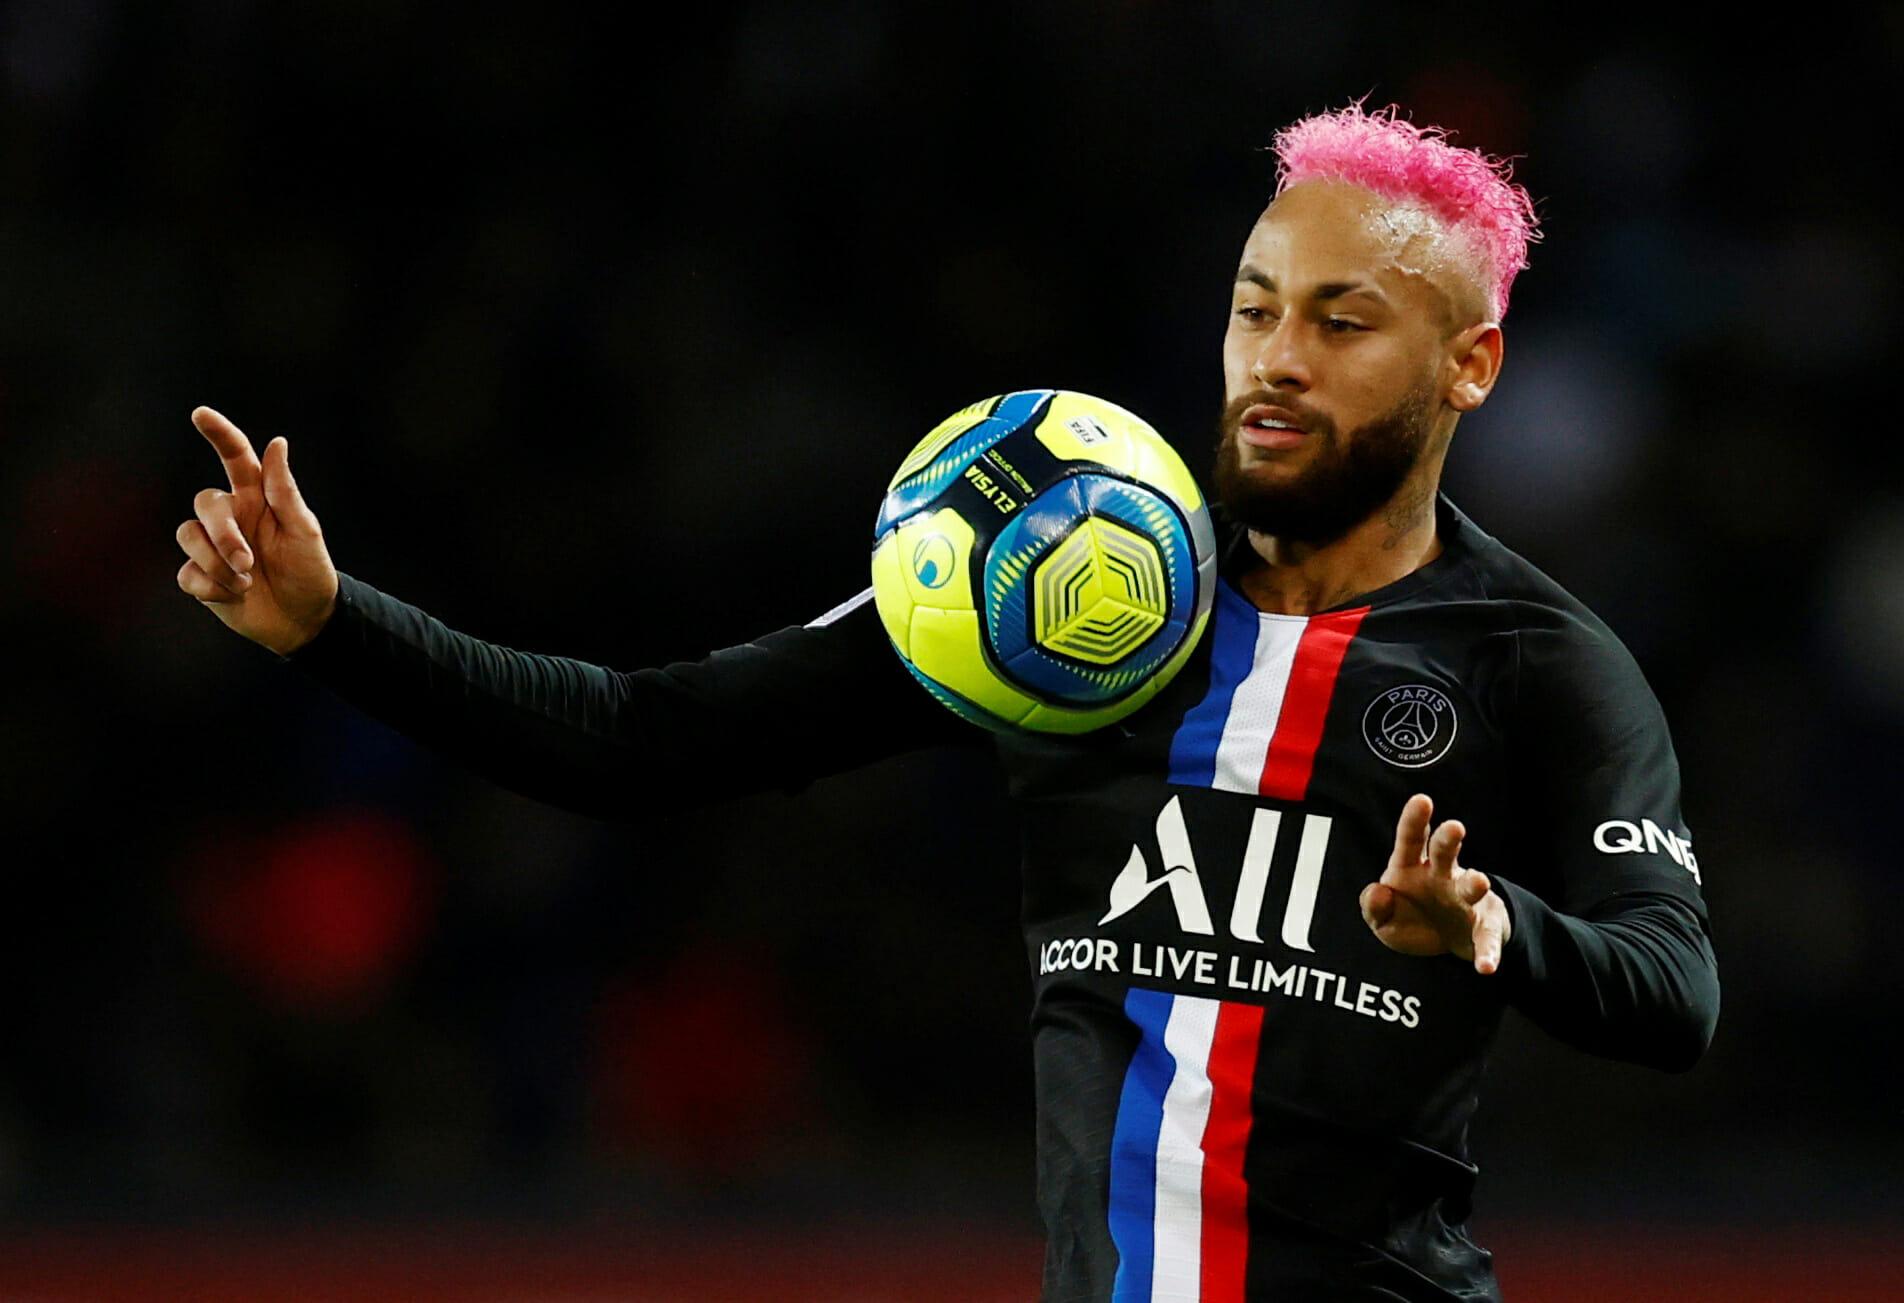 Ligue 1: Ξεκινάει στις 22 Αυγούστου το πρωτάθλημα Γαλλίας